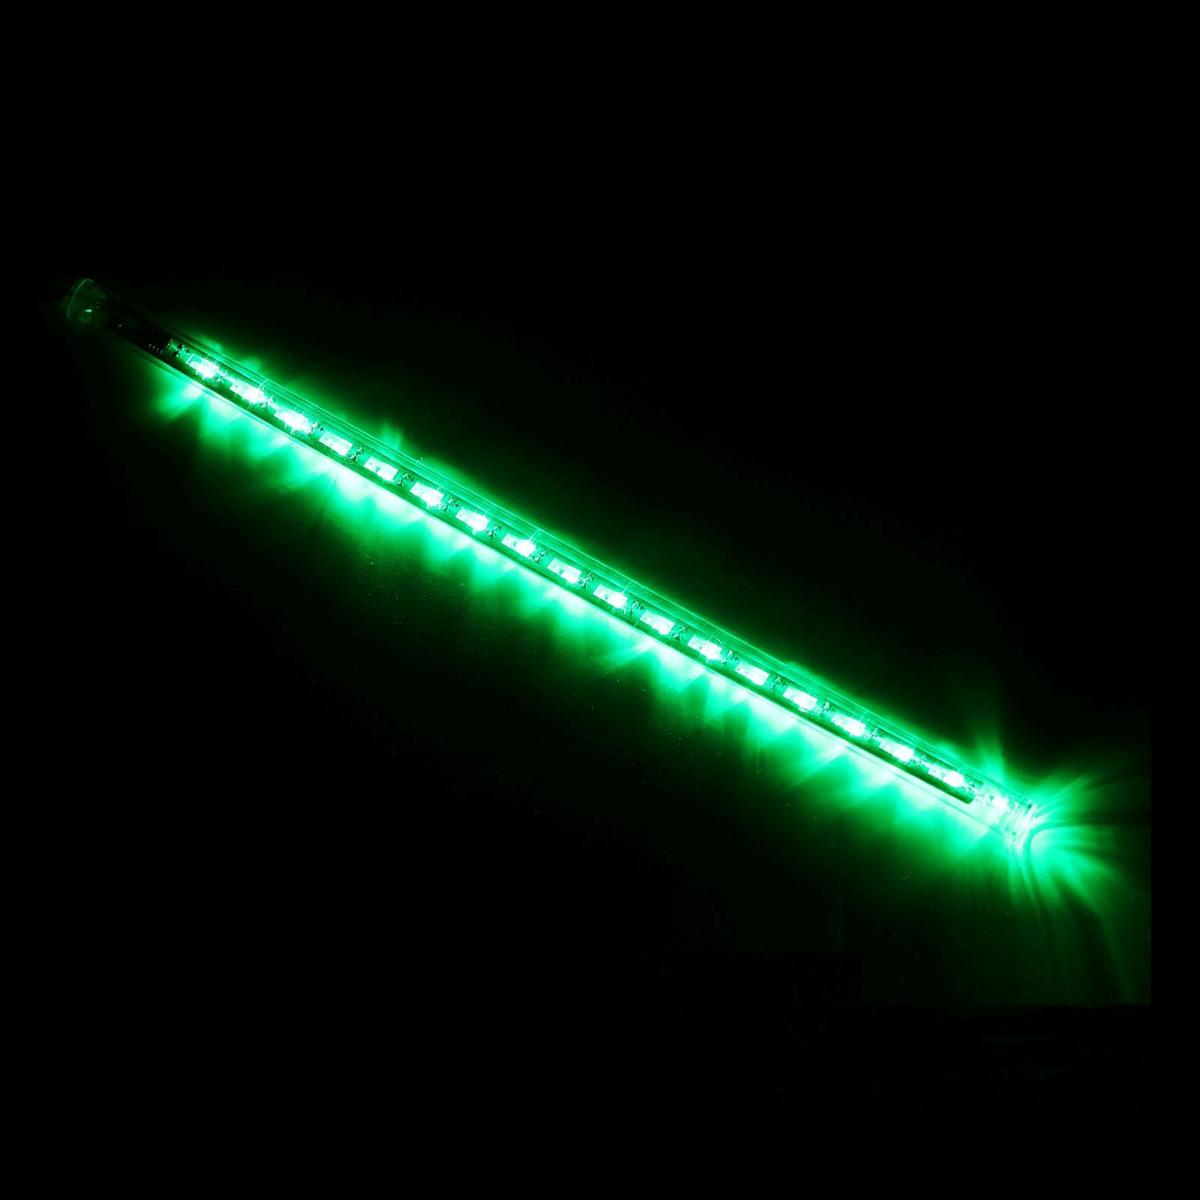 Светодиодная сосулька Luazon Тающая, длина 0,3 м, диаметр 2 см, LED 18 ламп, 220V, цвет: зеленый4670025843713Светодиодные гирлянды, ленты и т.д — это отличный вариант для новогоднего оформления интерьера или фасада. С их помощью помещение любого размера можно превратить в праздничный зал, а внешние элементы зданий, украшенные ими, мгновенно станут напоминать очертания сказочного дворца. Такие украшения создают ауру предвкушения чуда. Деревья, фасады, витрины, окна и арки будто специально созданы, чтобы вы украсили их светящимися нитями.